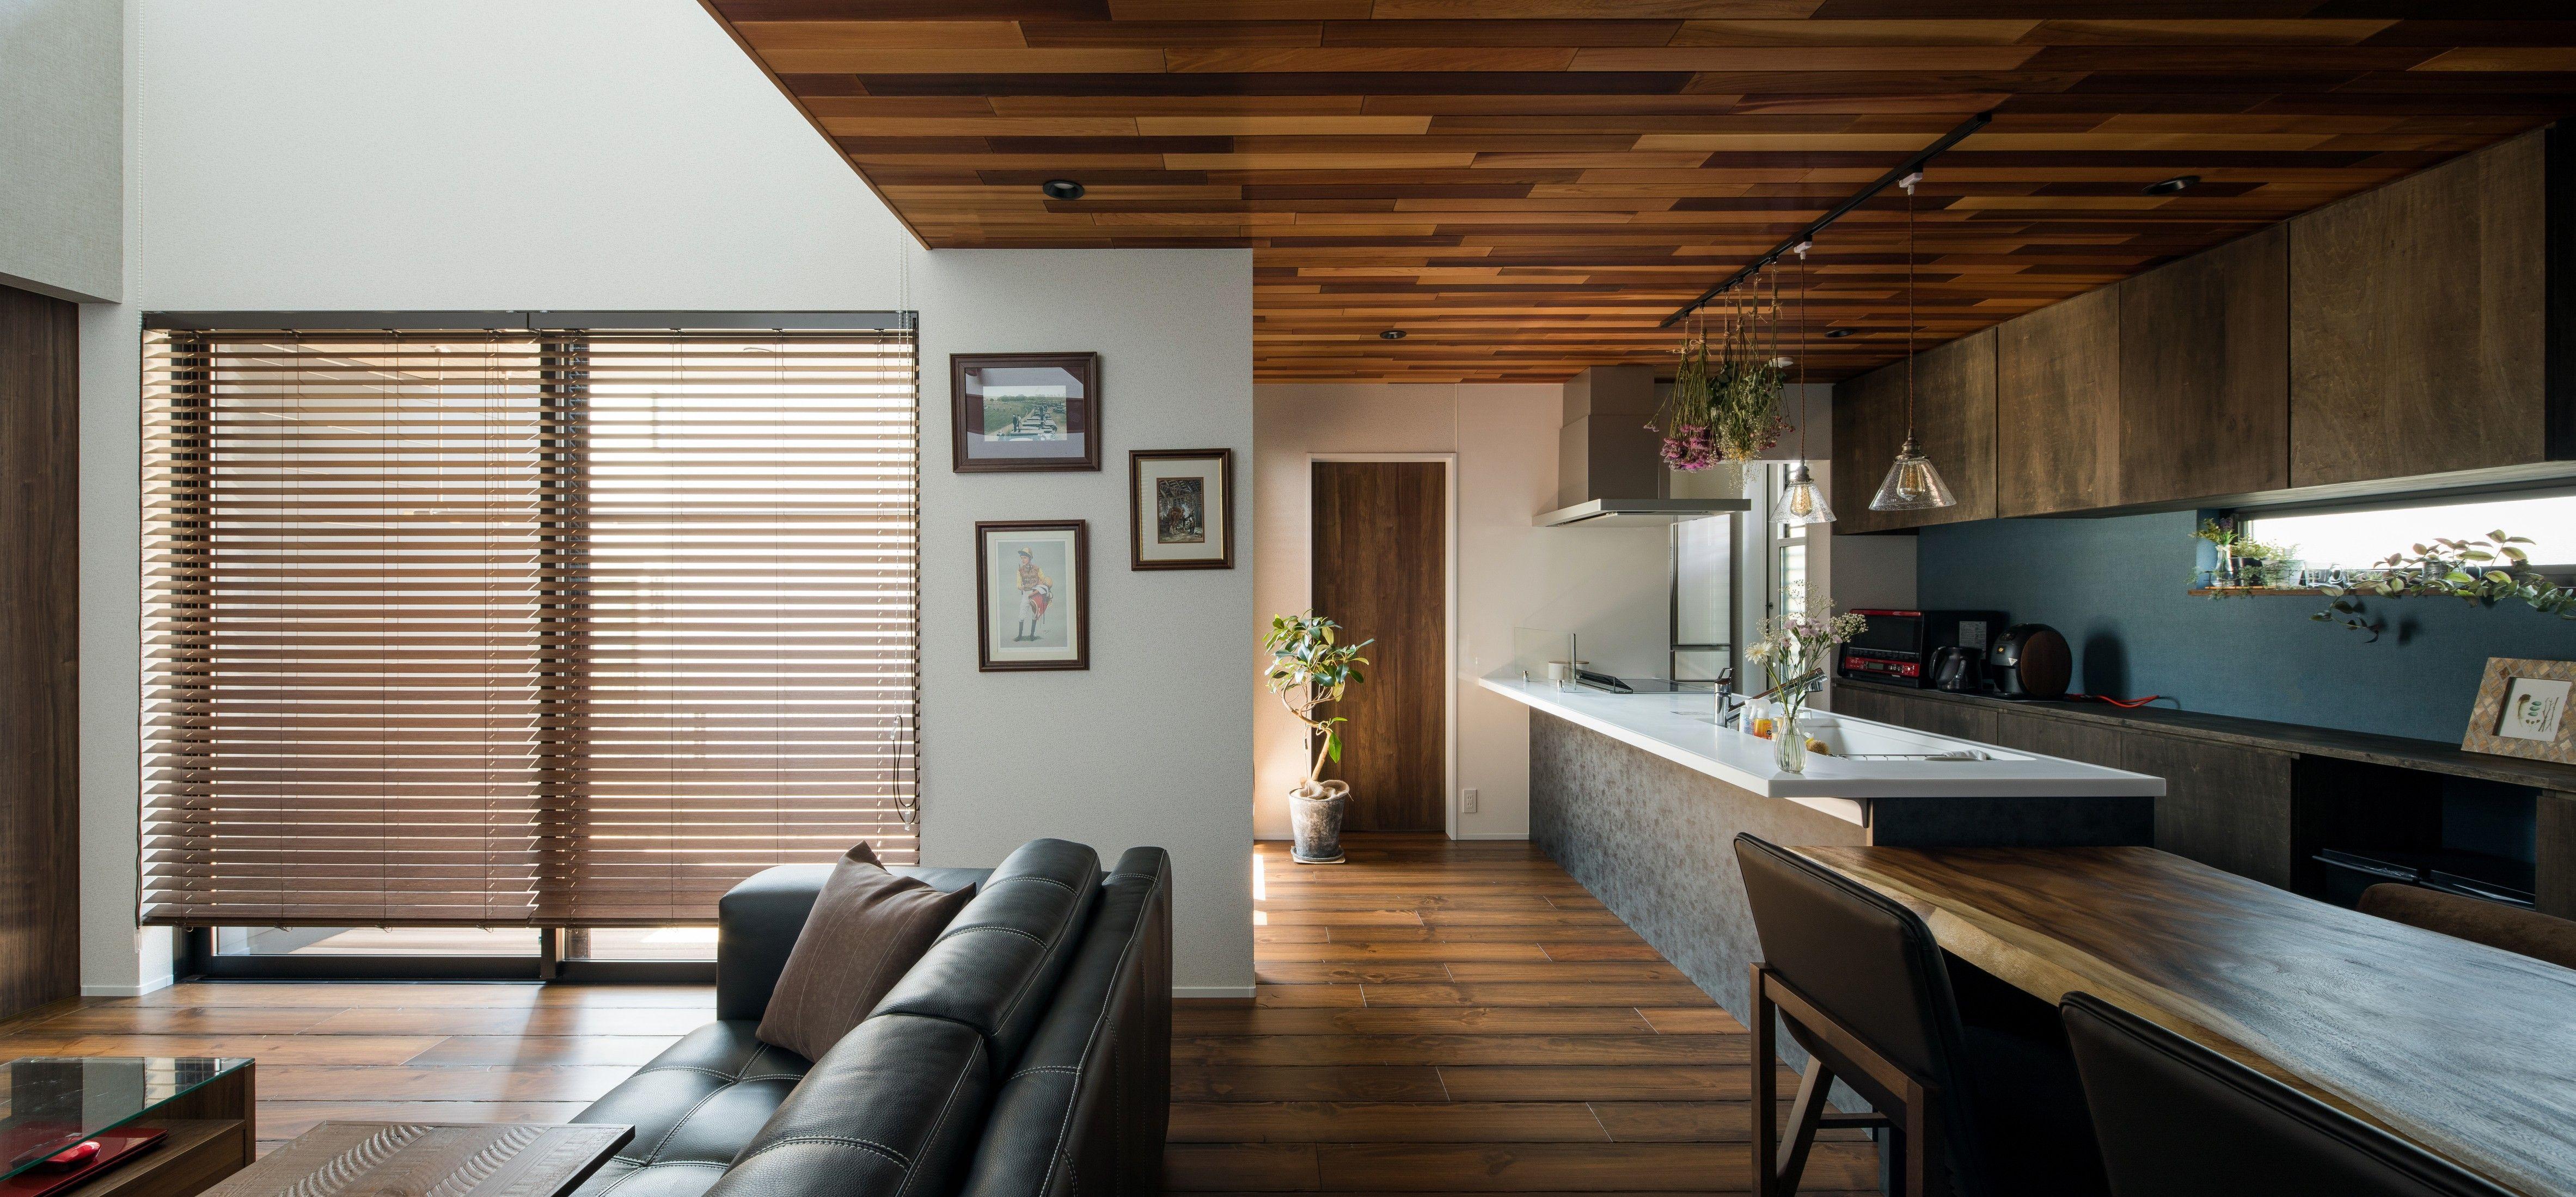 インパクト大のレッドシダーの天井 ルポハウス 設計事務所 工務店